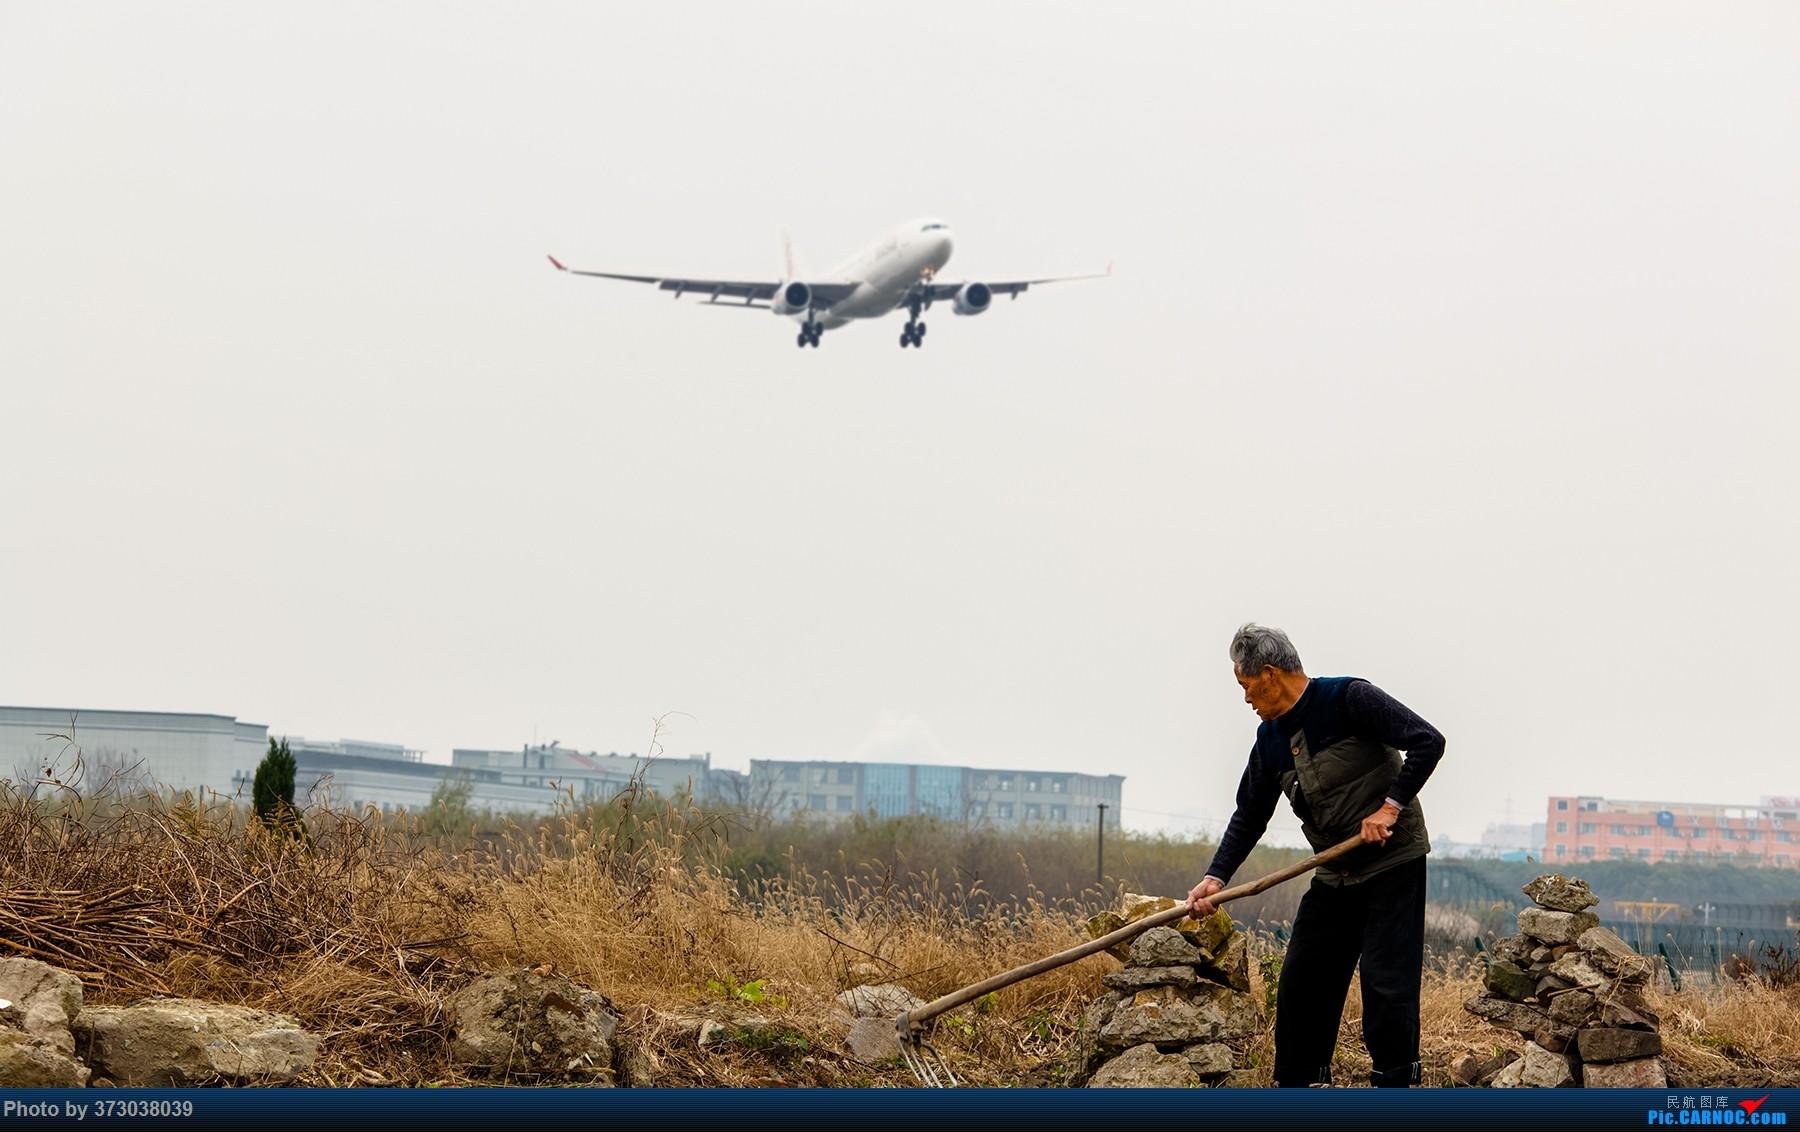 [原创]圣诞平安夜前 杭州萧山国际机场 三飞友随拍【杭州飞友会】     飞友